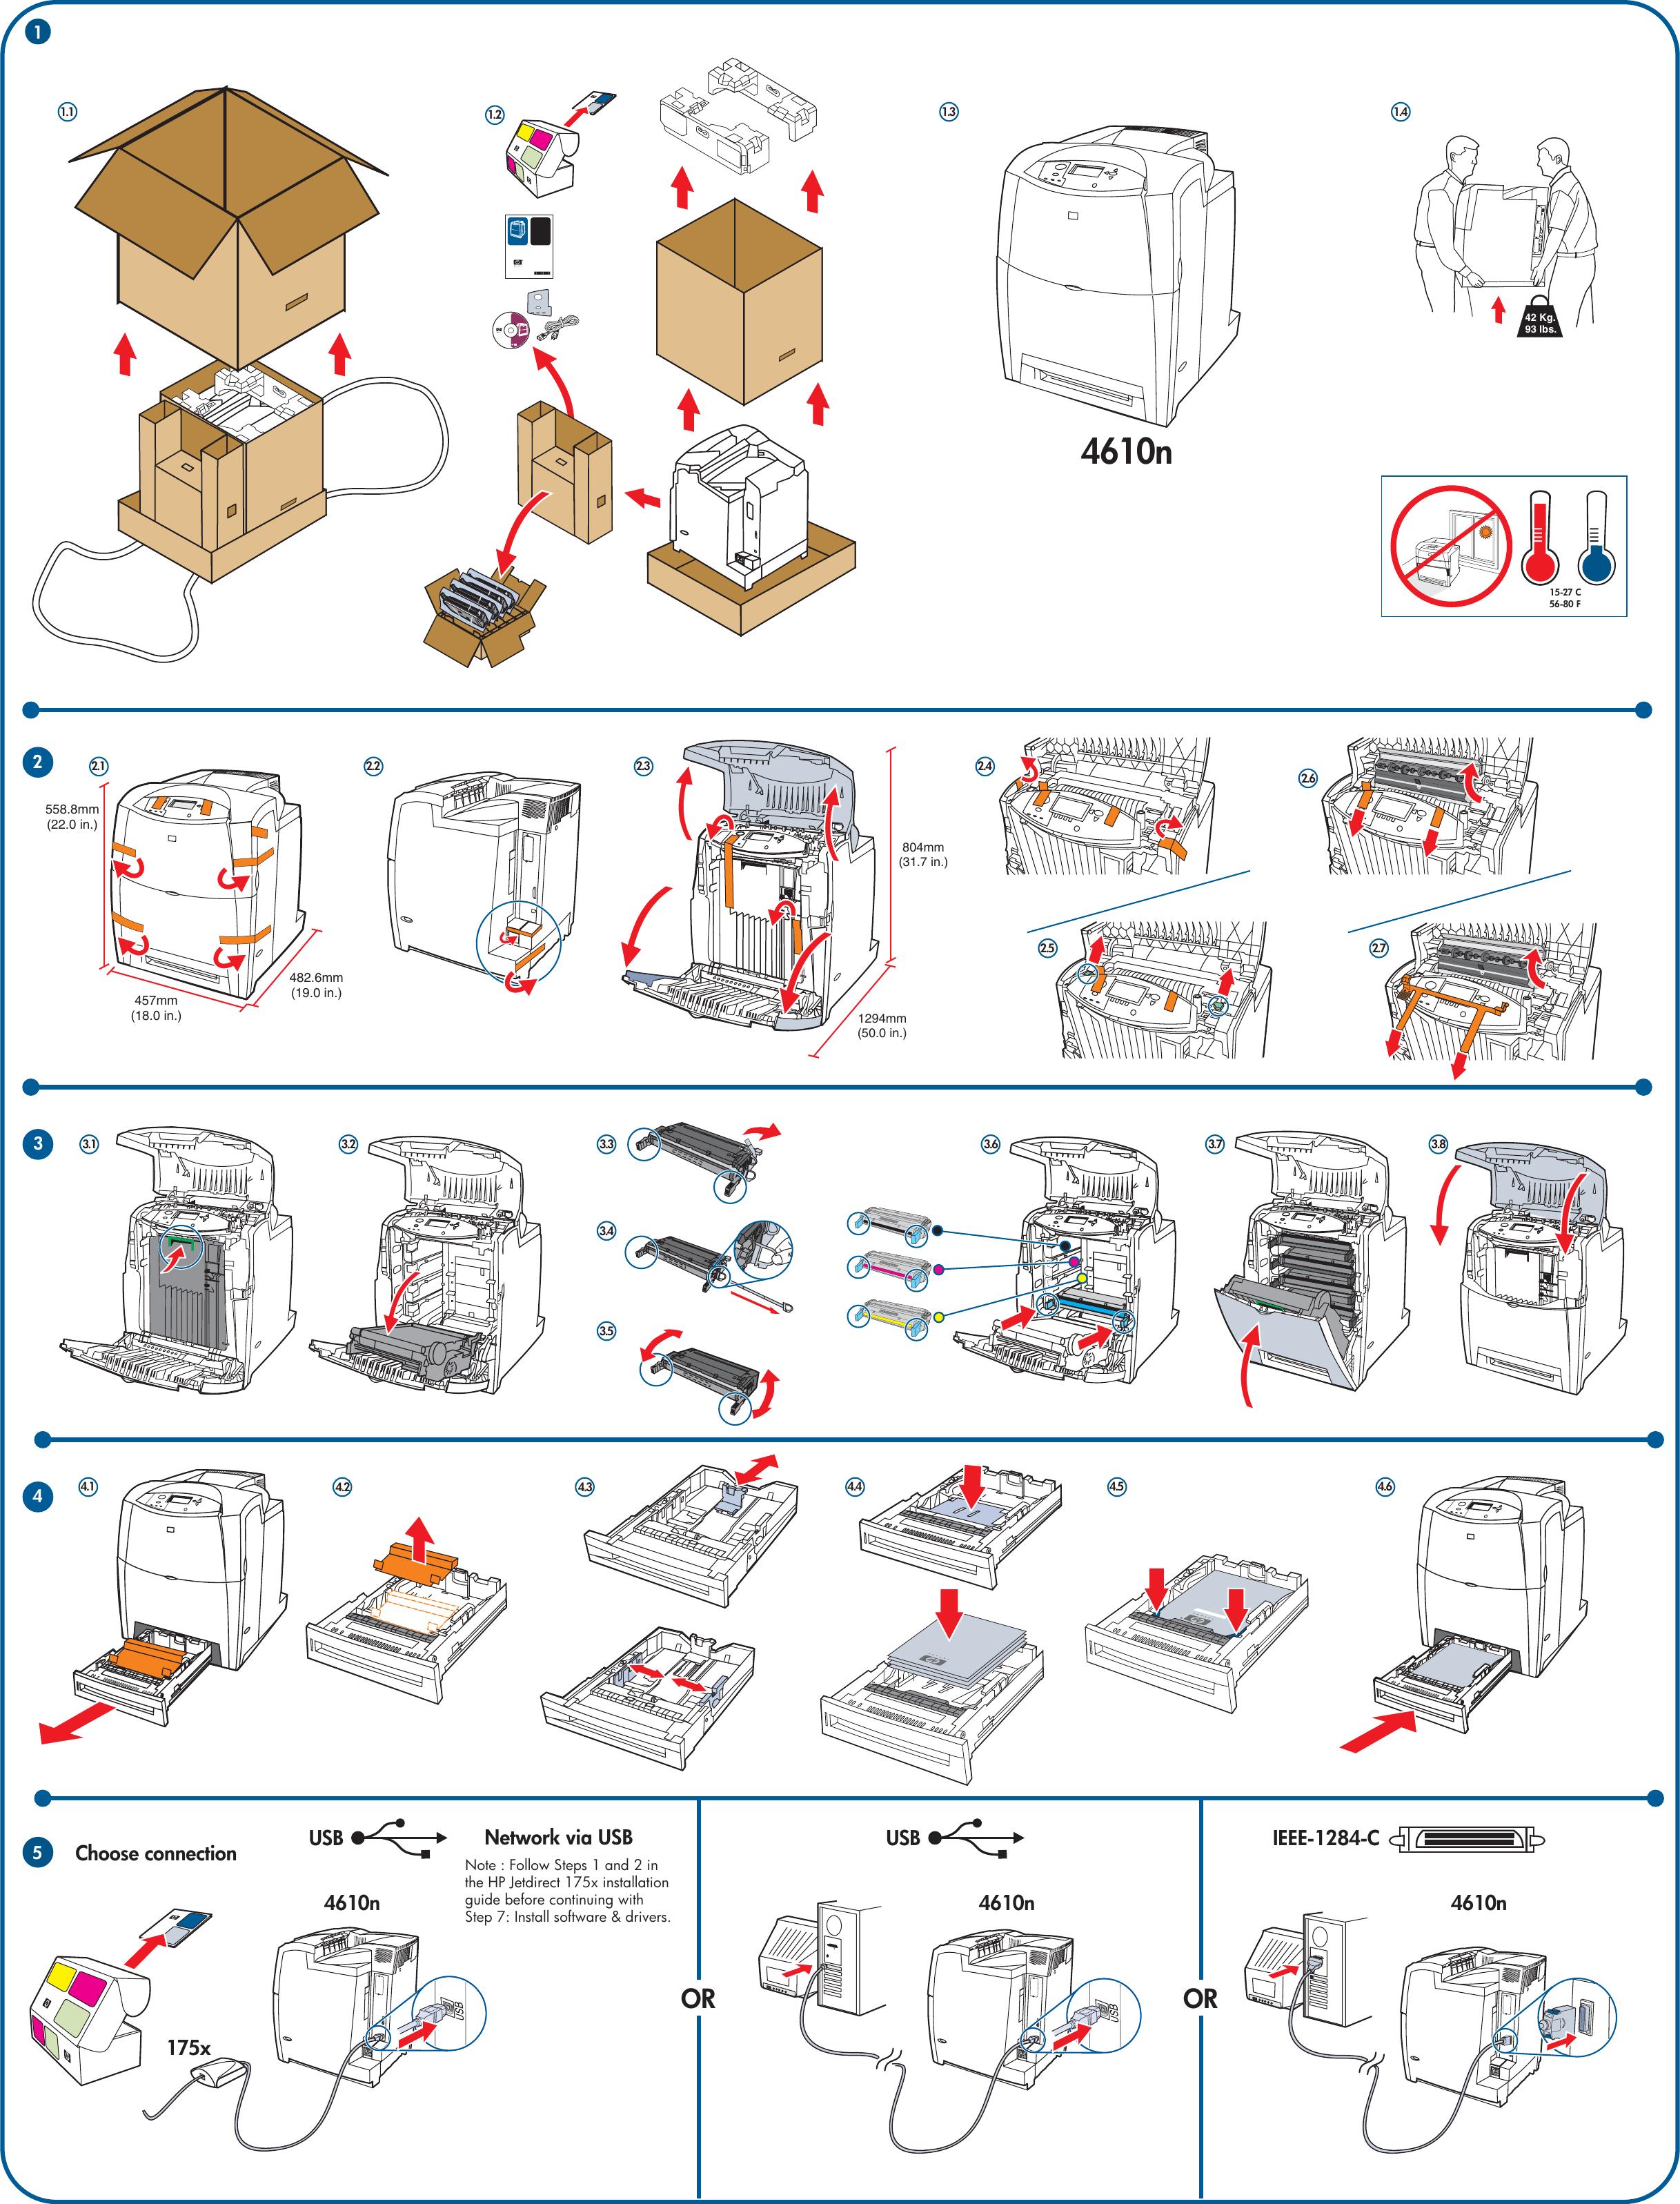 Page 2 of HP Color LaserJet 4610n Getting Started Guide - ENWW Laser Jet  C00288326